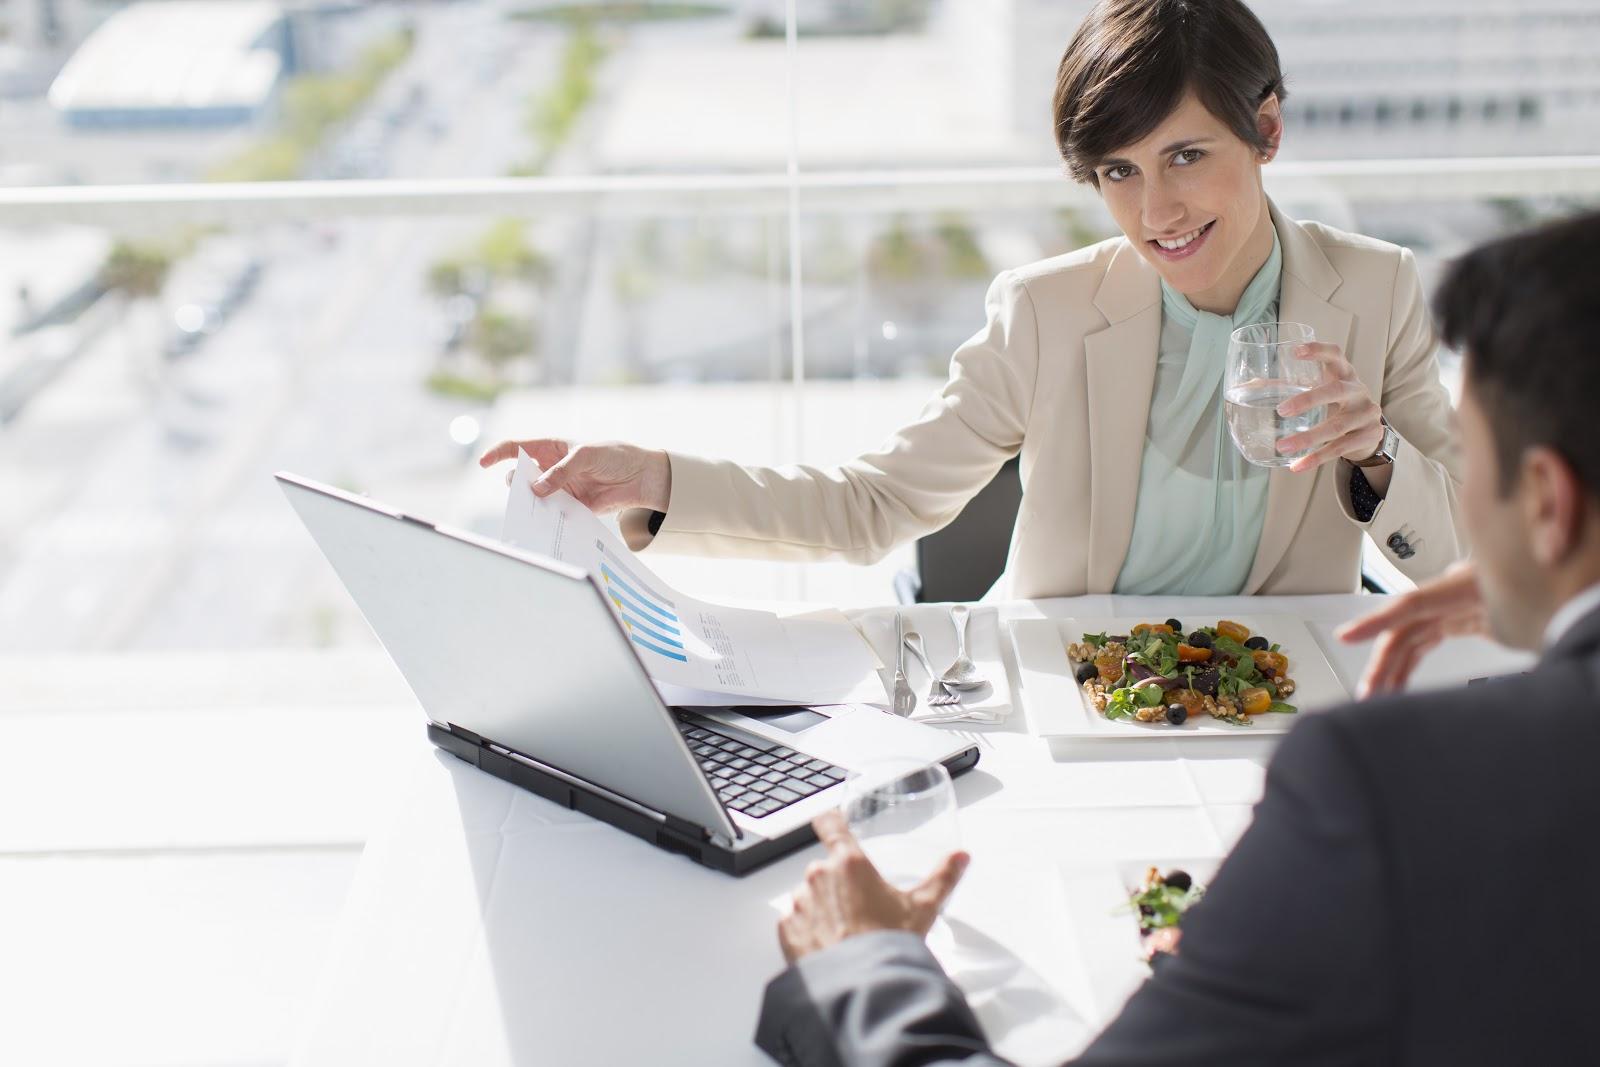 Uma mulher observando o notebook e comendo.